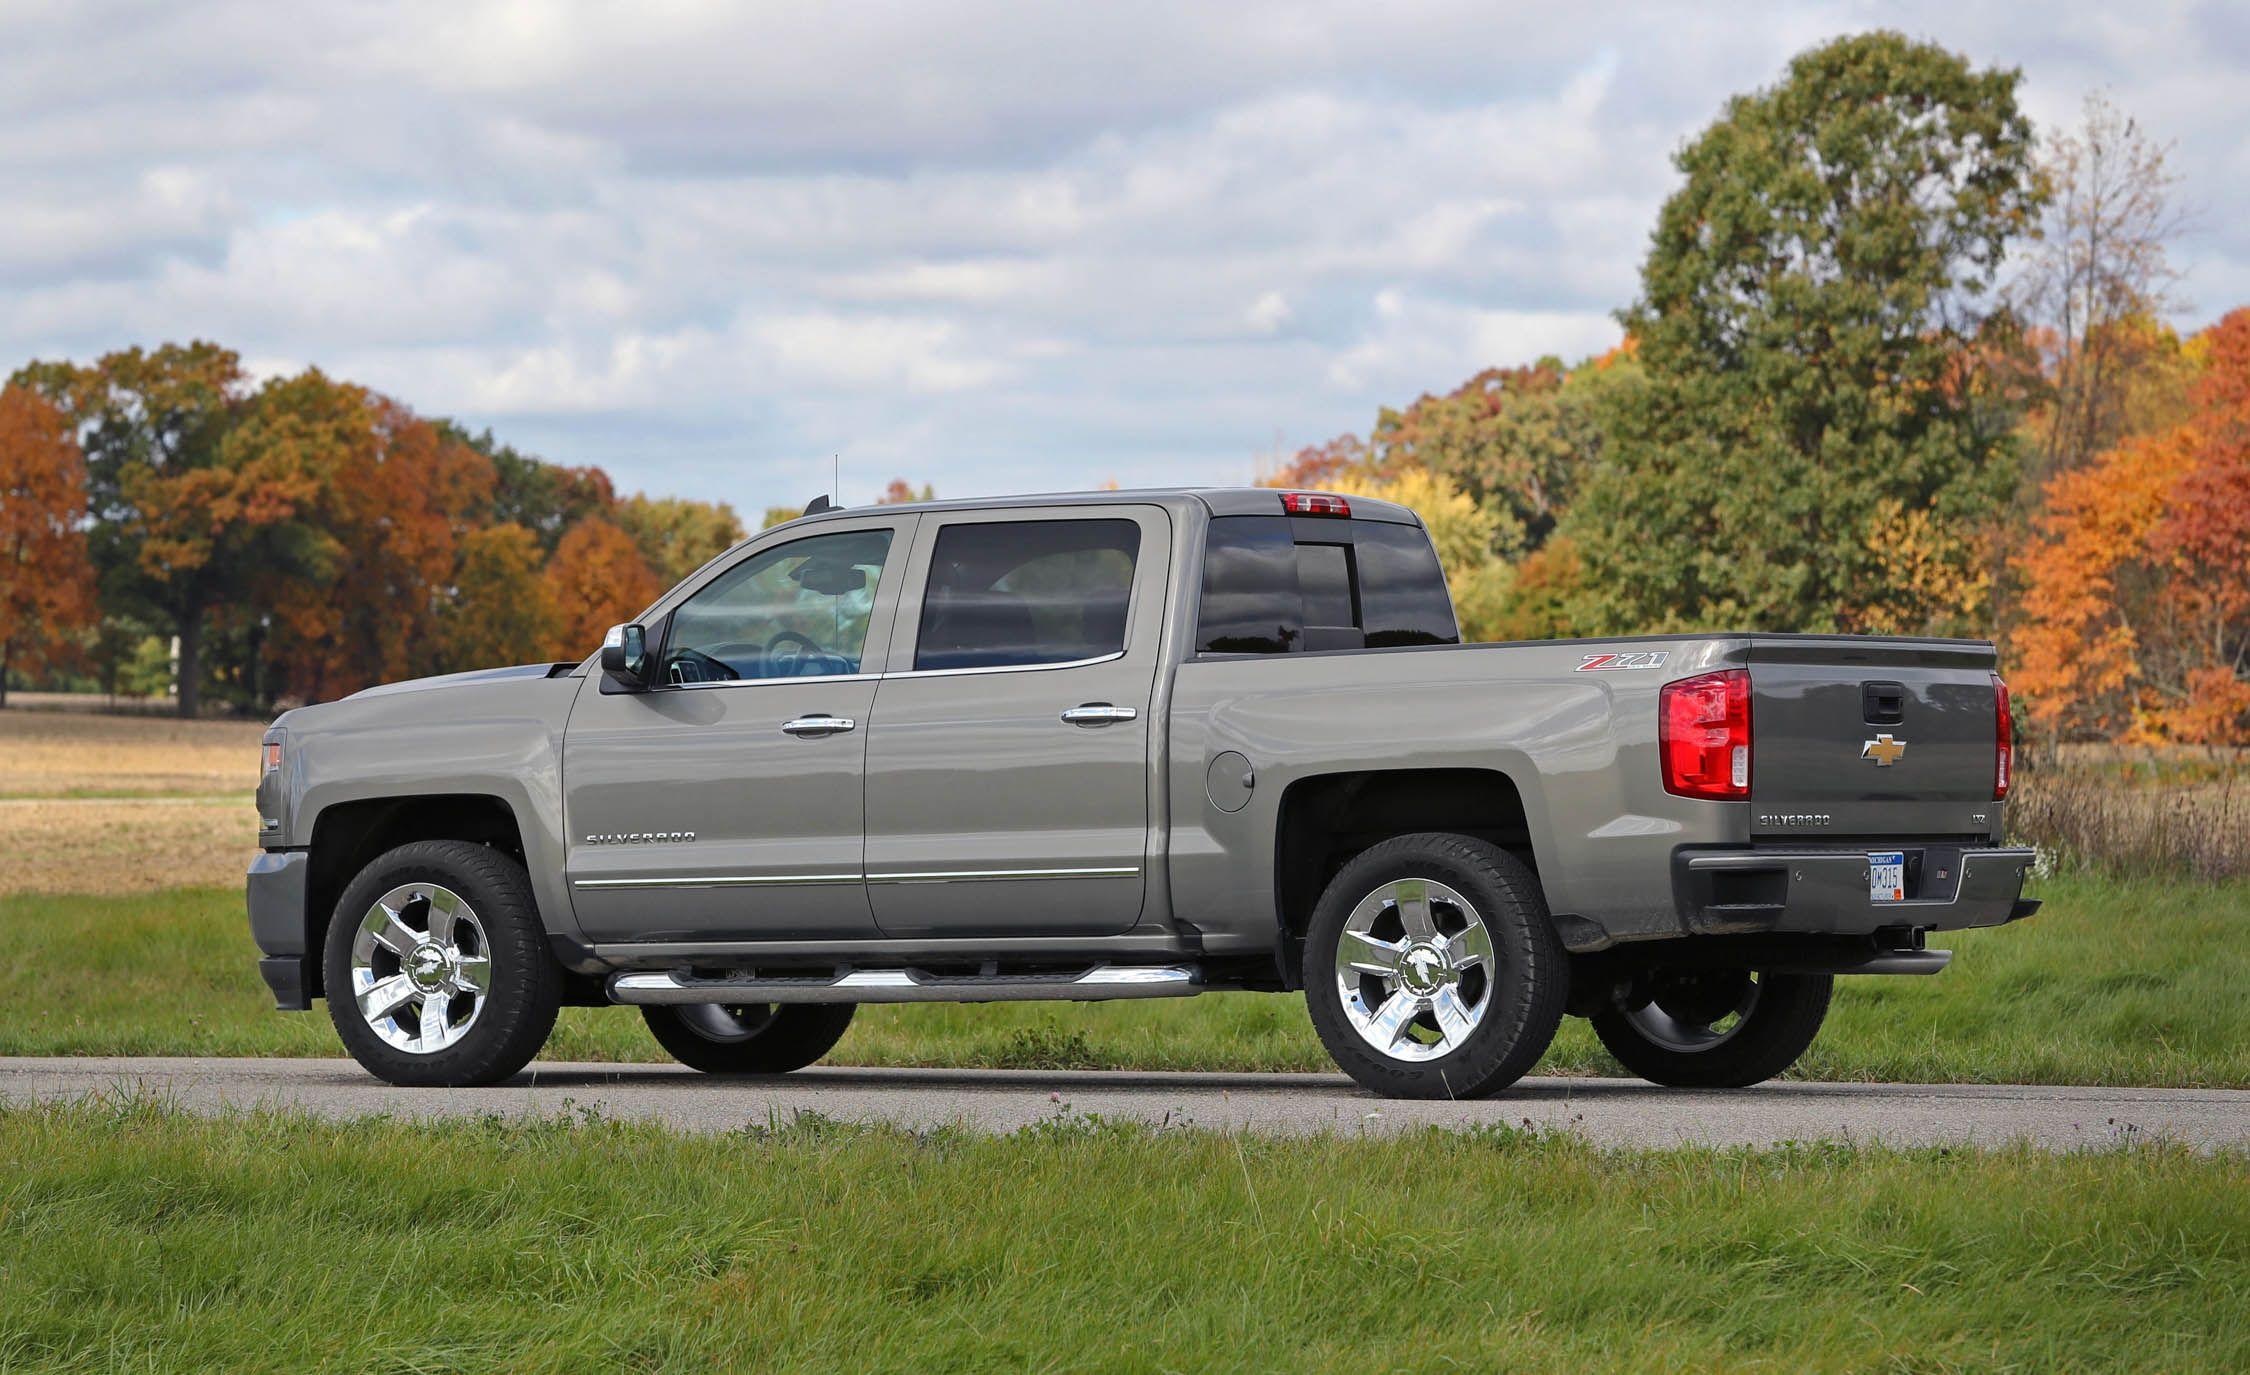 2018 Chevy Silverado >> 2018 Chevrolet Silverado 1500 | Fuel Economy Review | Car